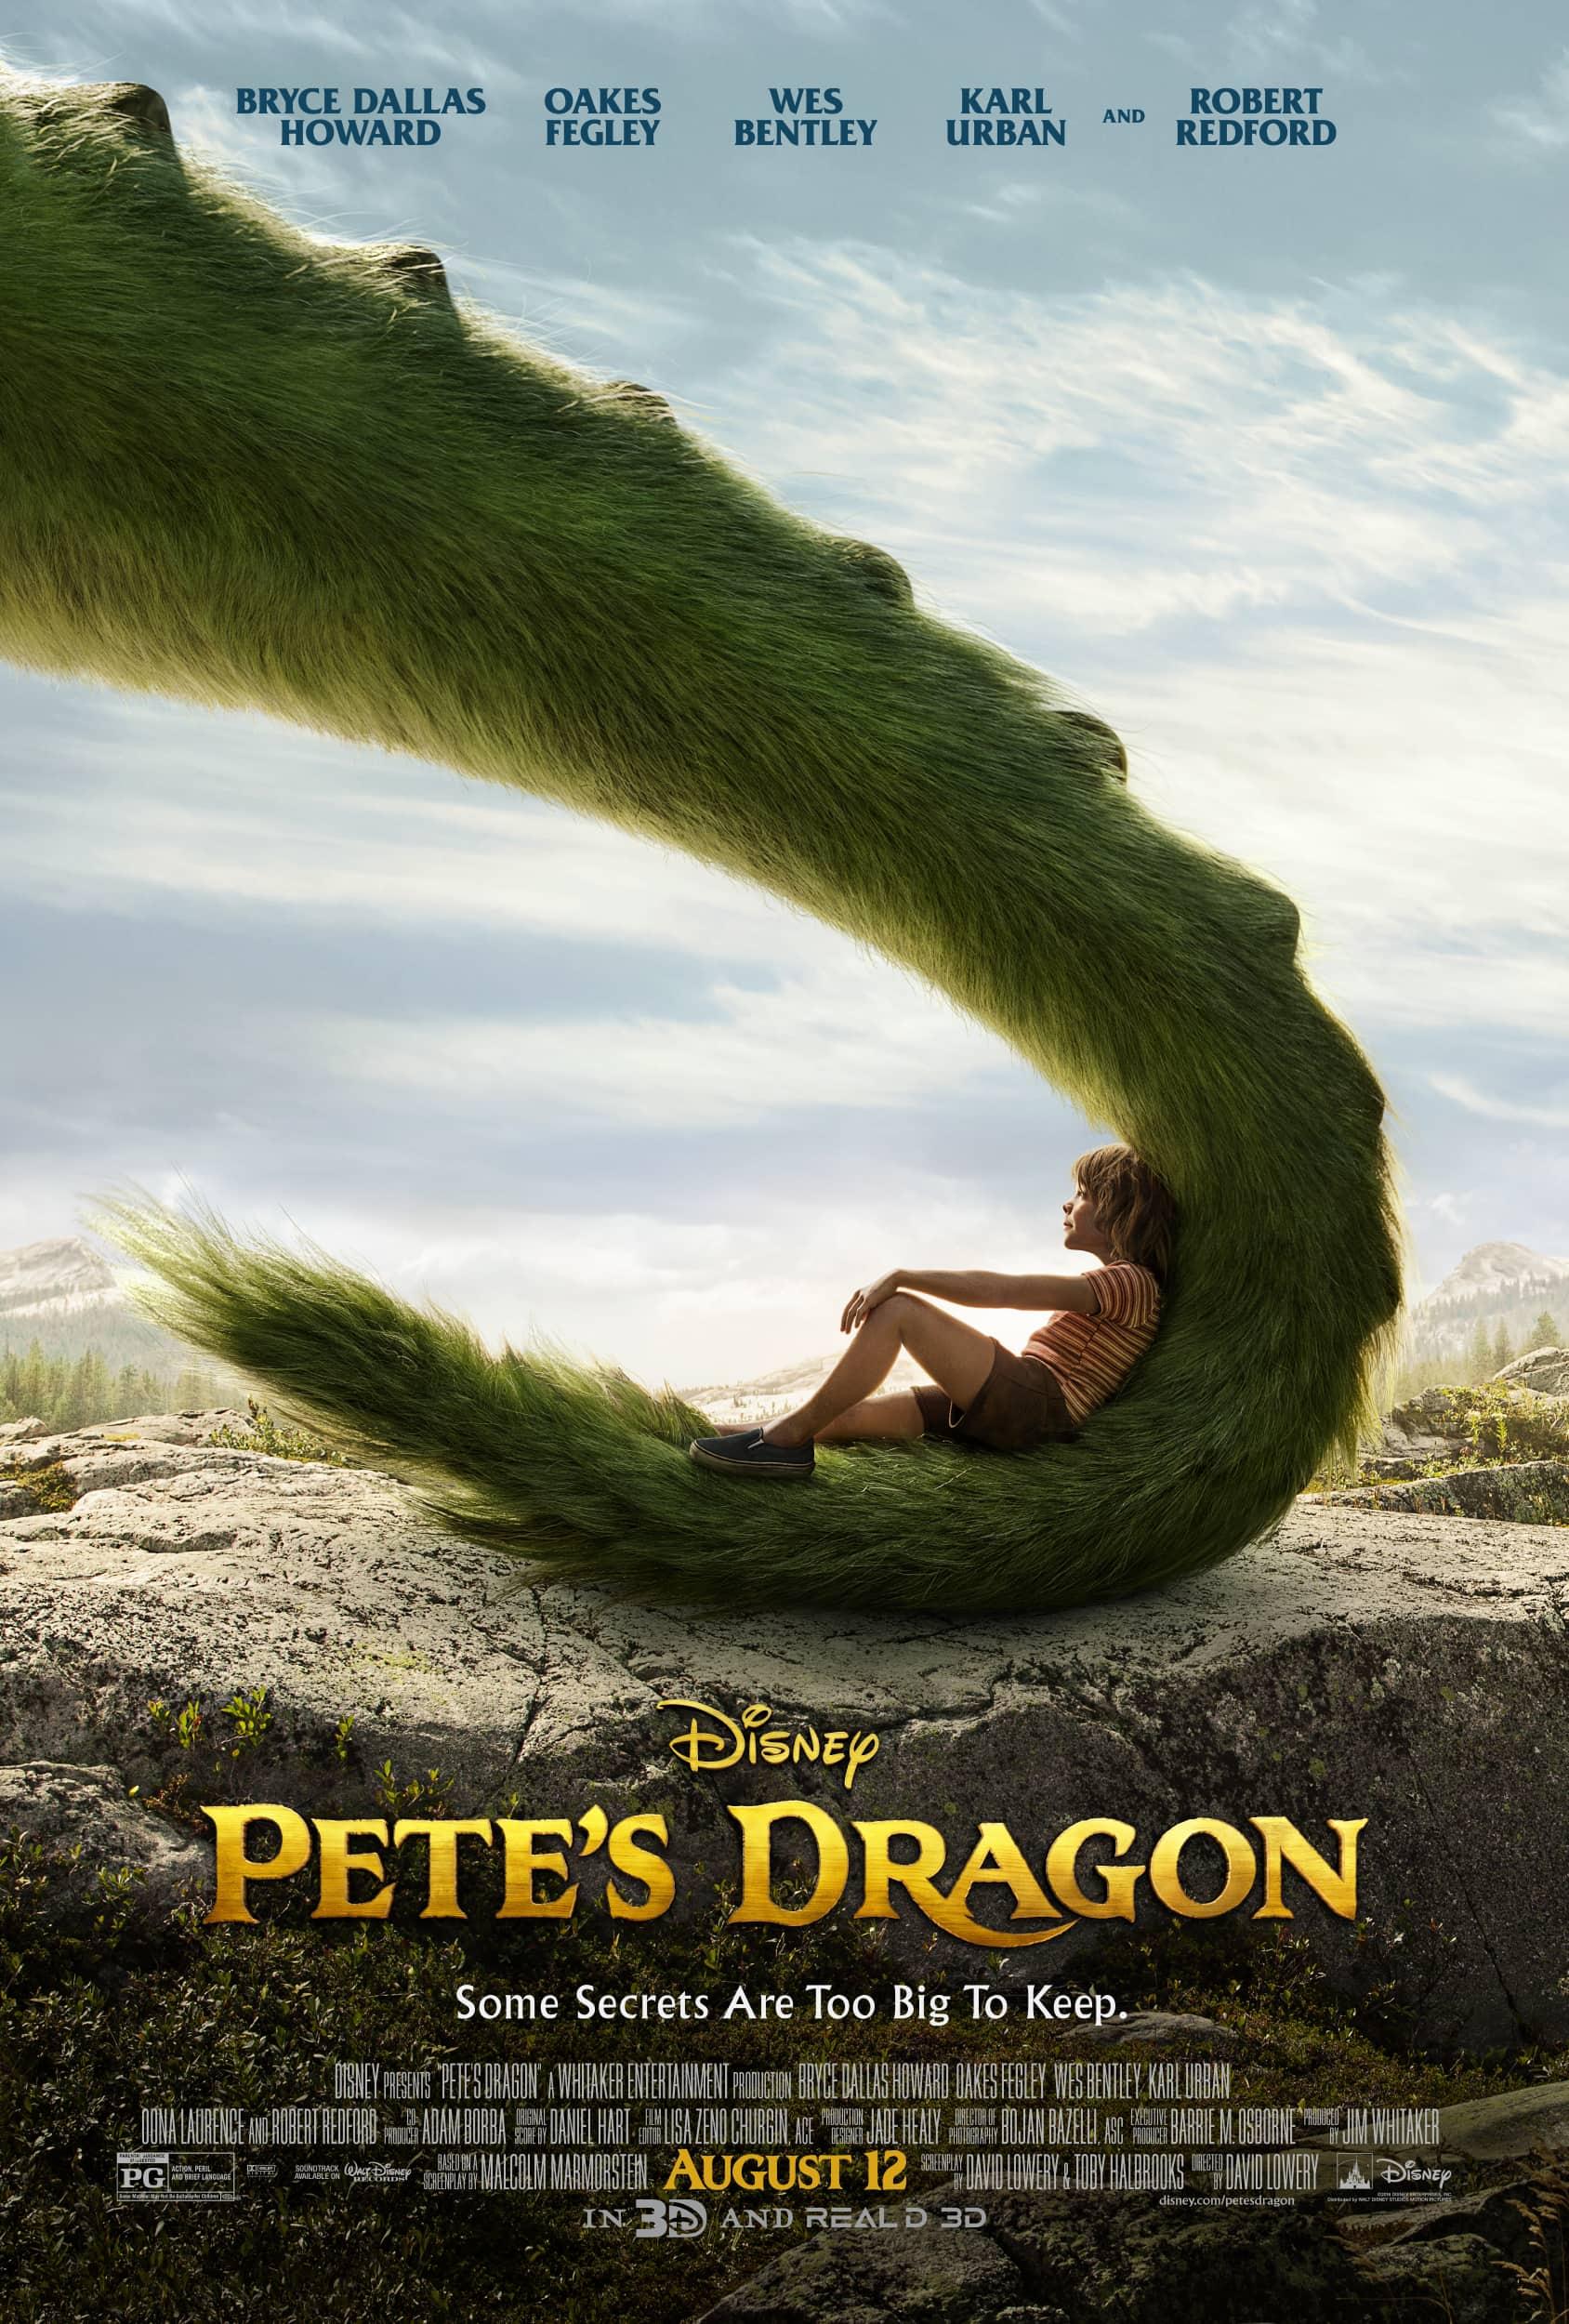 PetesDragons